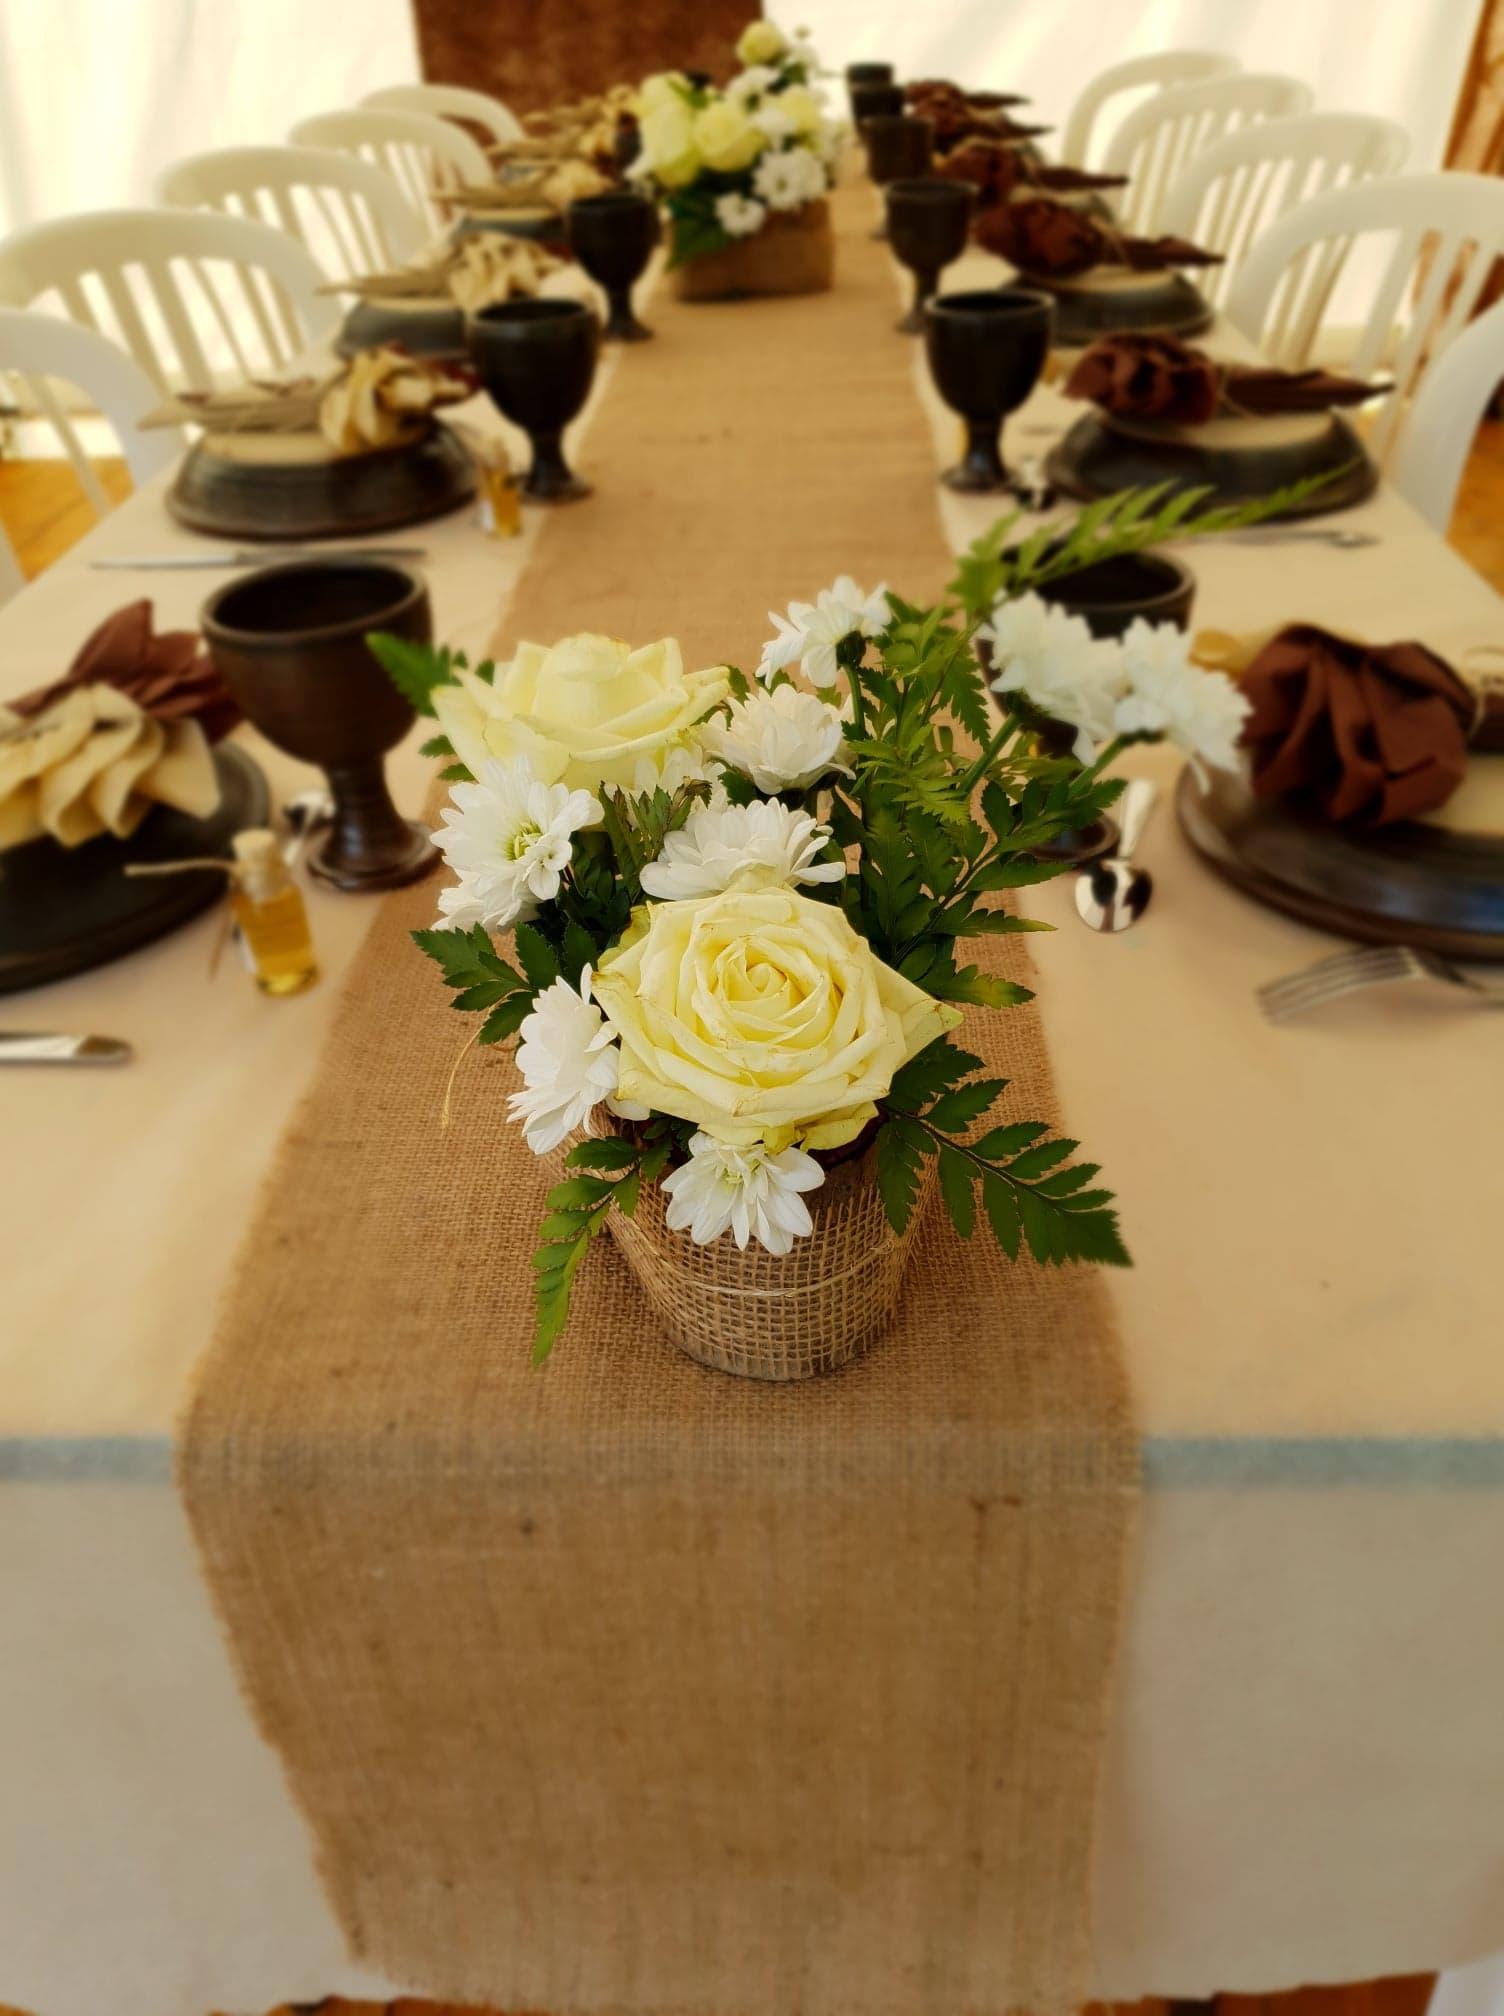 mariage table avec vaisselle médiéval ( ecuelle et graal)